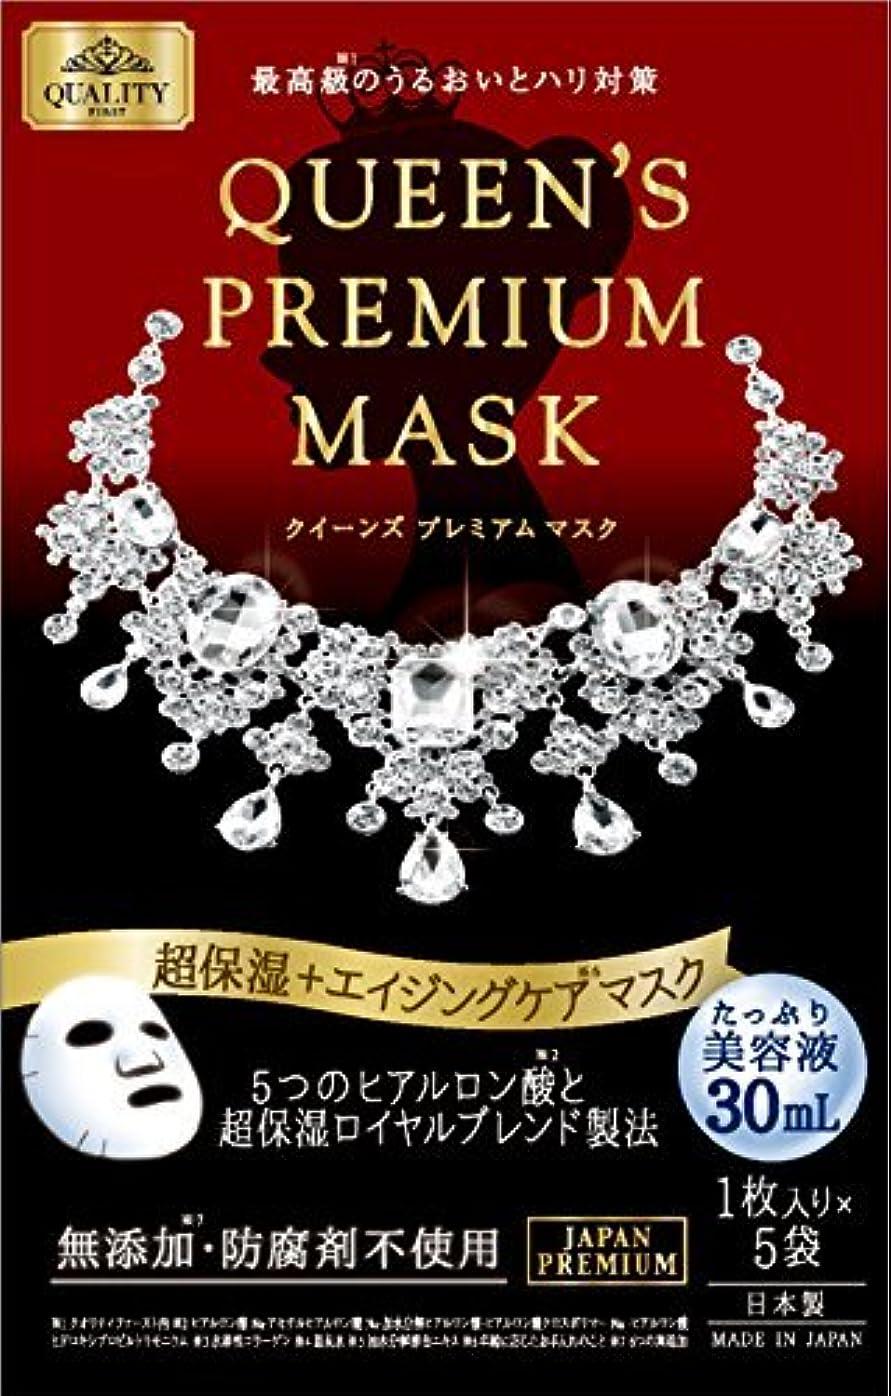 委任する道徳教育除外するクイーンズプレミアムマスク 超保湿マスク 5枚入 3箱セット